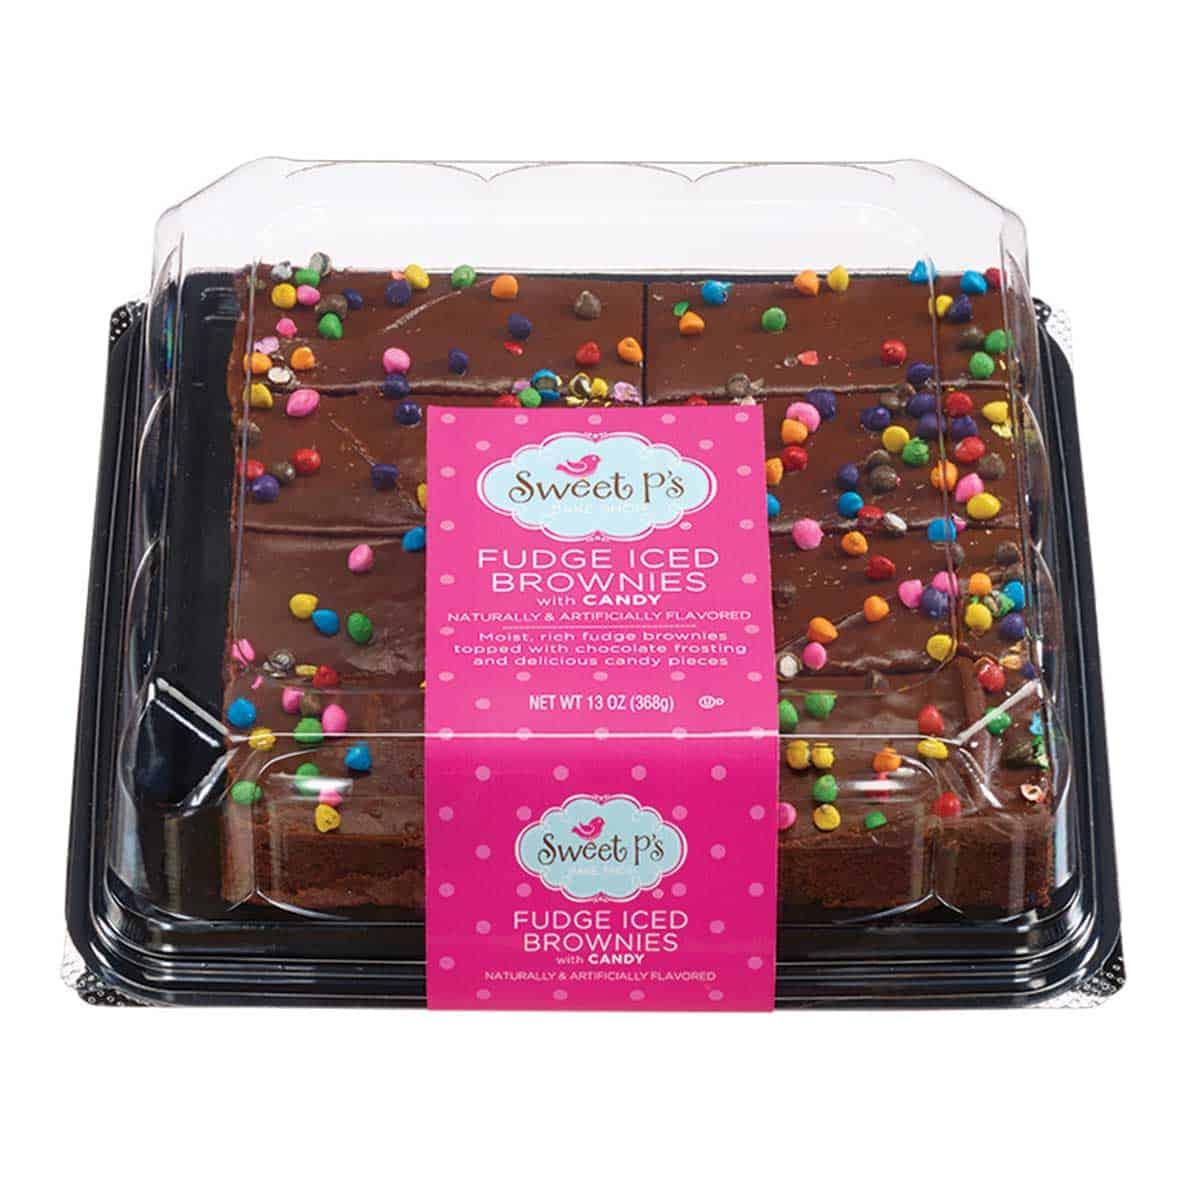 fudge-iced-brownies